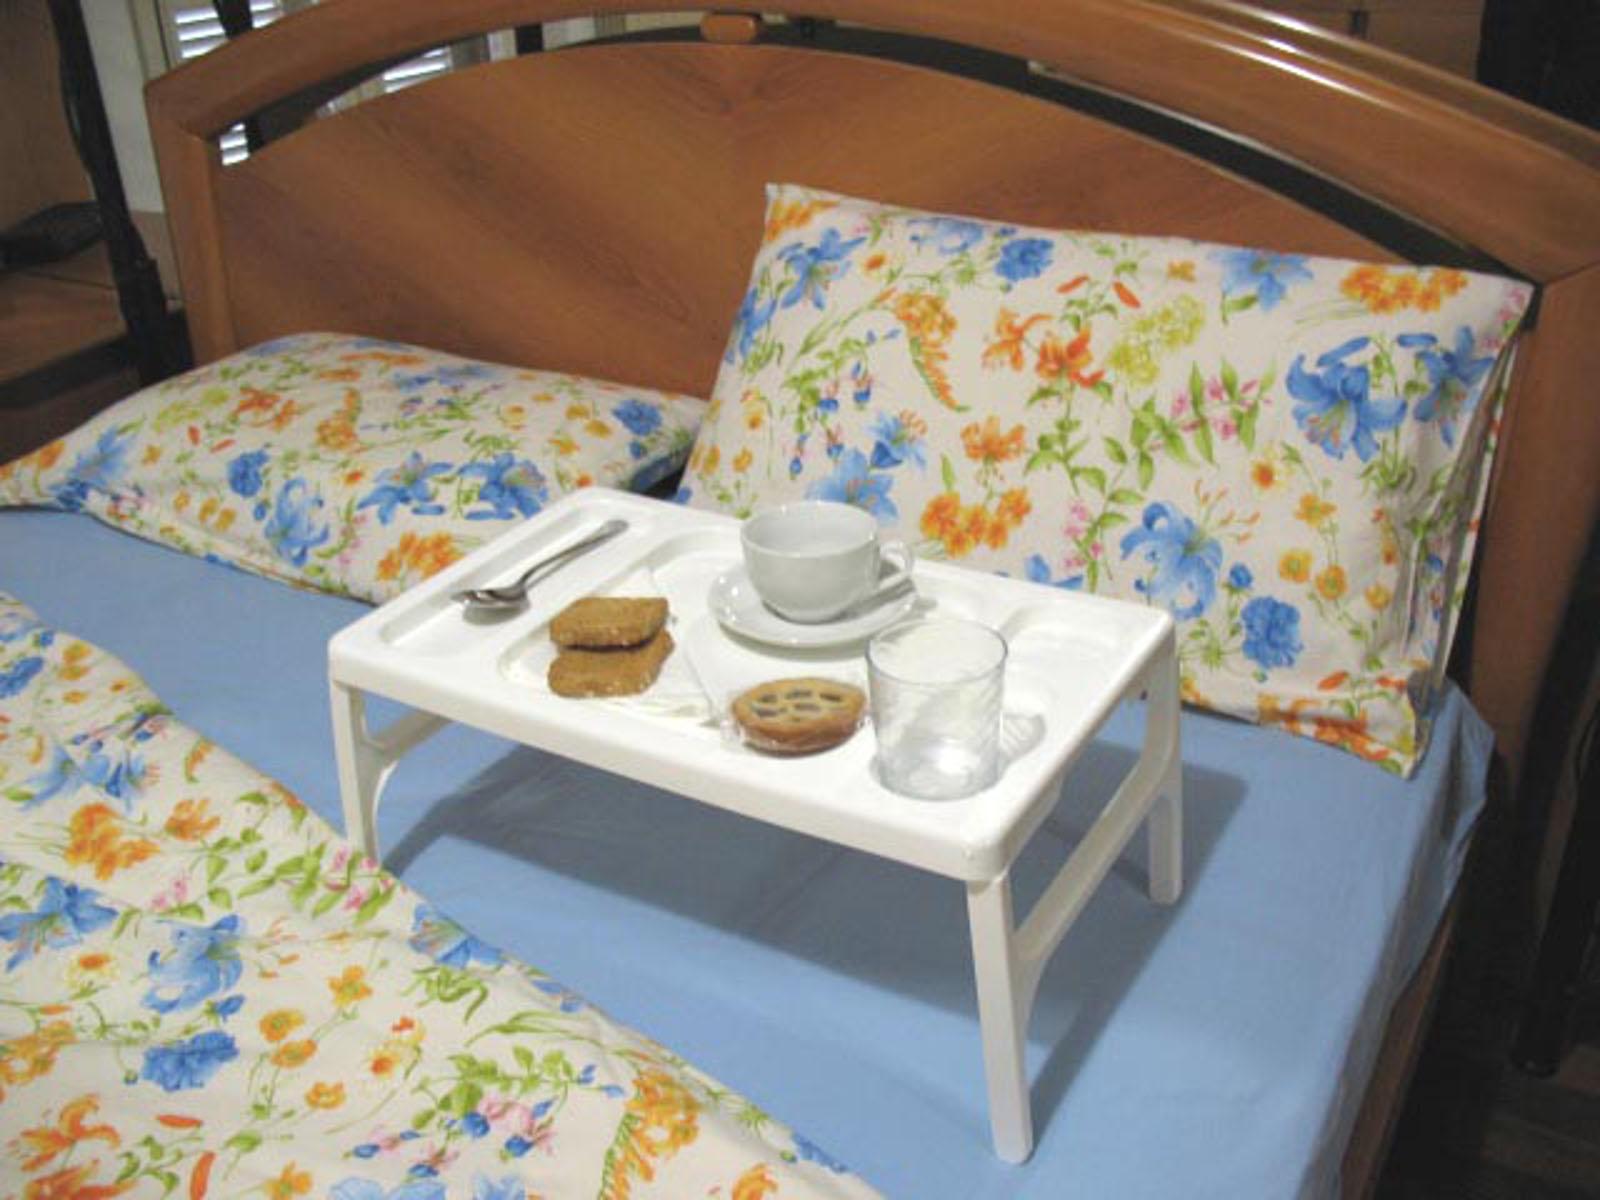 Pratico vassoio tavolino multiuso pieghevole per - Vassoio per colazione a letto ...